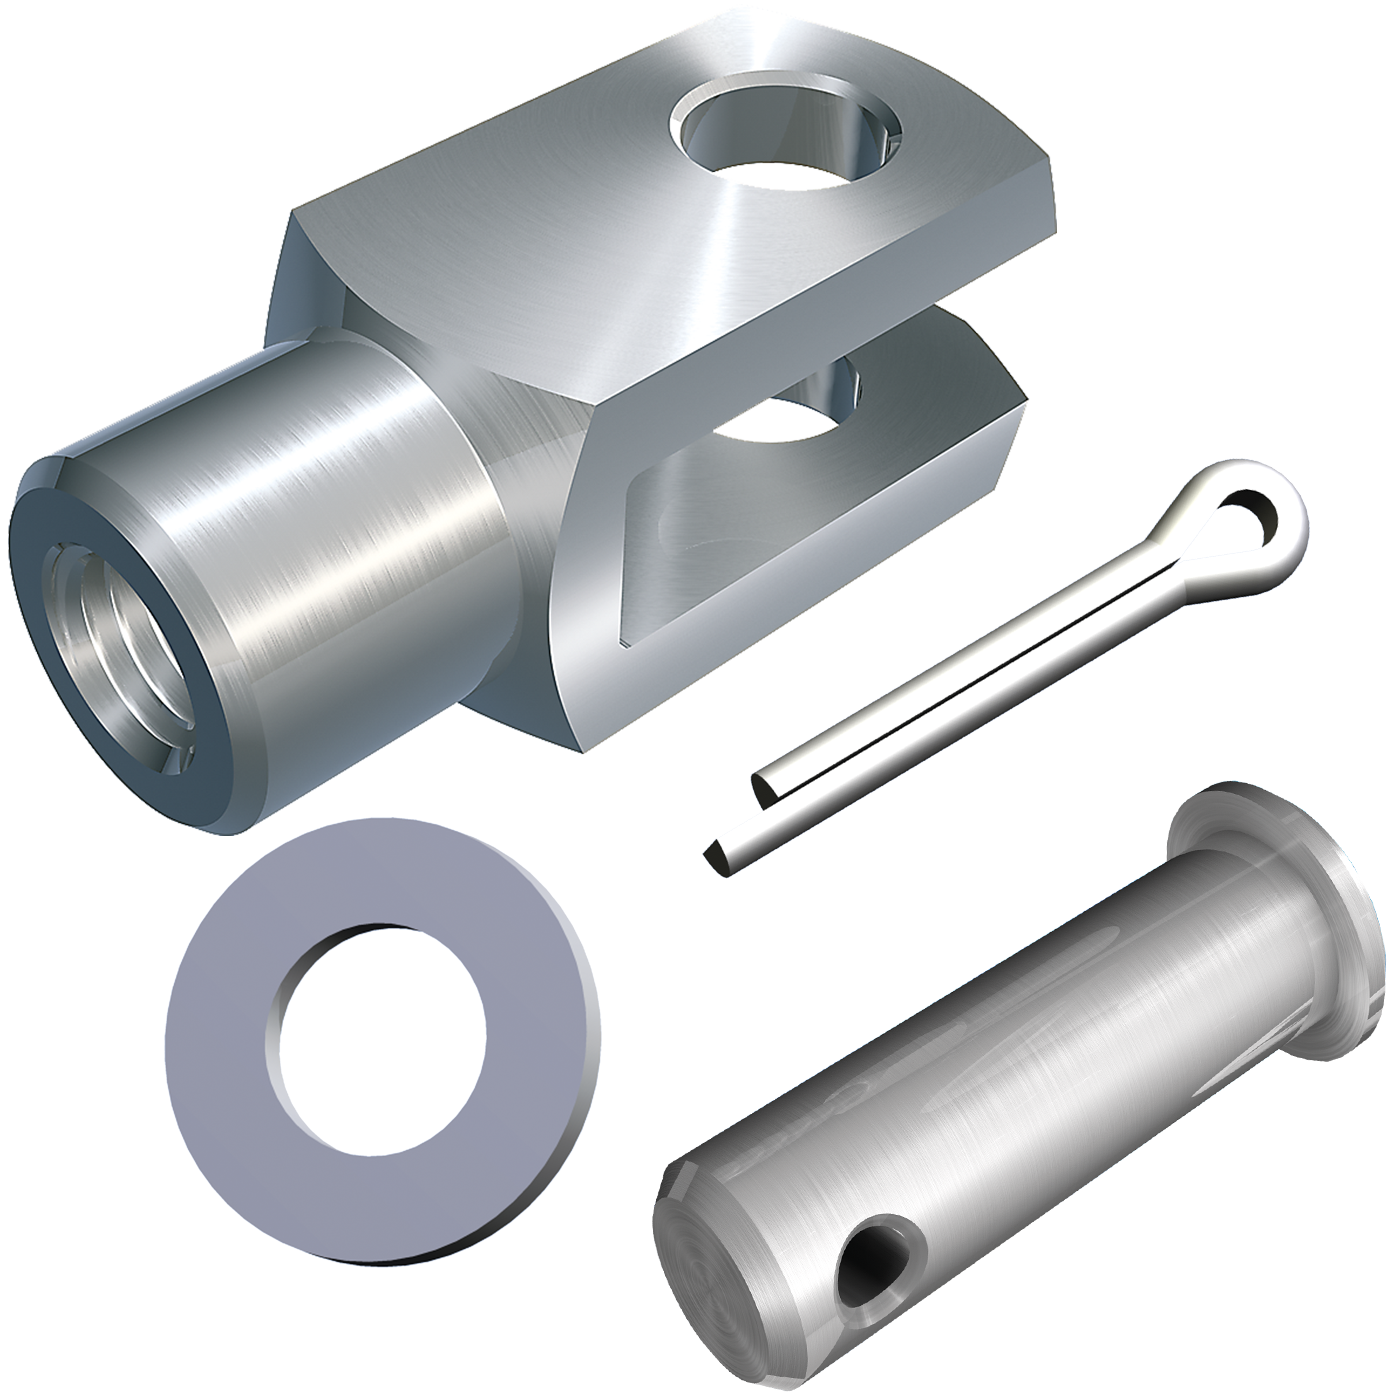 mbo Oßwald ist Hersteller von Gabelgelenk, Gabelgelenken in Ausführung als A-Gelenk, A-Gelenken, DIN 71751, lose, bestehend aus Gabelkopf, Gabelköpfe, Gabelkoepfe, nach DIN 71752, DIN ISO 8140, CETOP RP102P und Bolzen mit Splintloch, Scheiben DIN 125 und Splinte DIN 94. Wir fertigen diese aus Stahl 1.0718 und Edelstahl 1.4305 und A4-Qualität 1.4404.